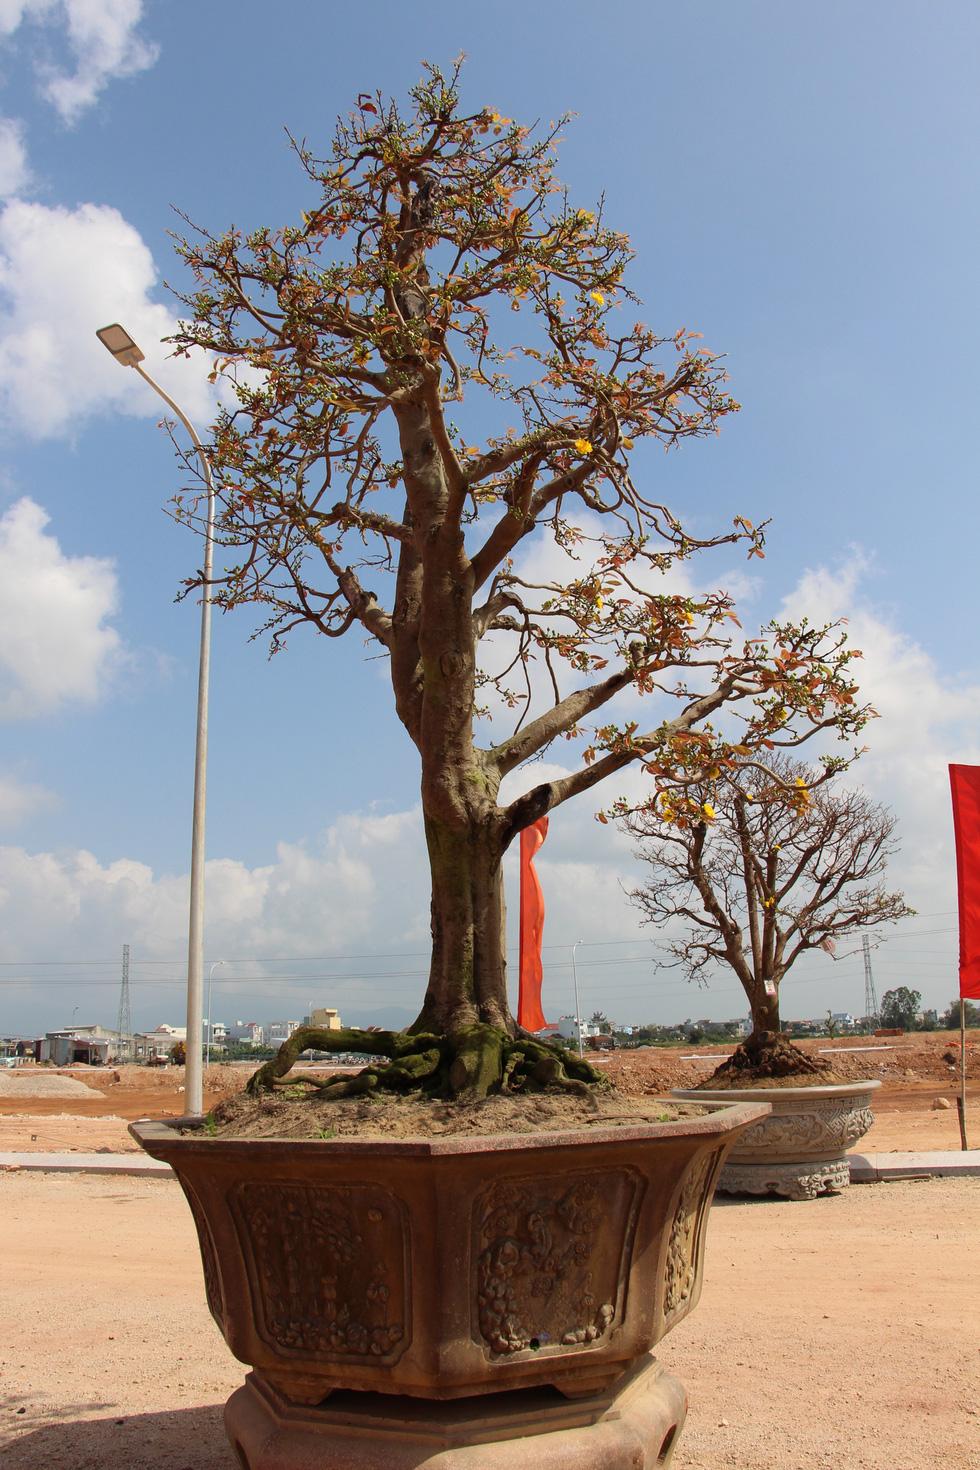 Chiêm ngưỡng đại lão mai Nét xưa Bình Định, Khủng long bạo chúa, Vũ nữ chân dài - Ảnh 12.